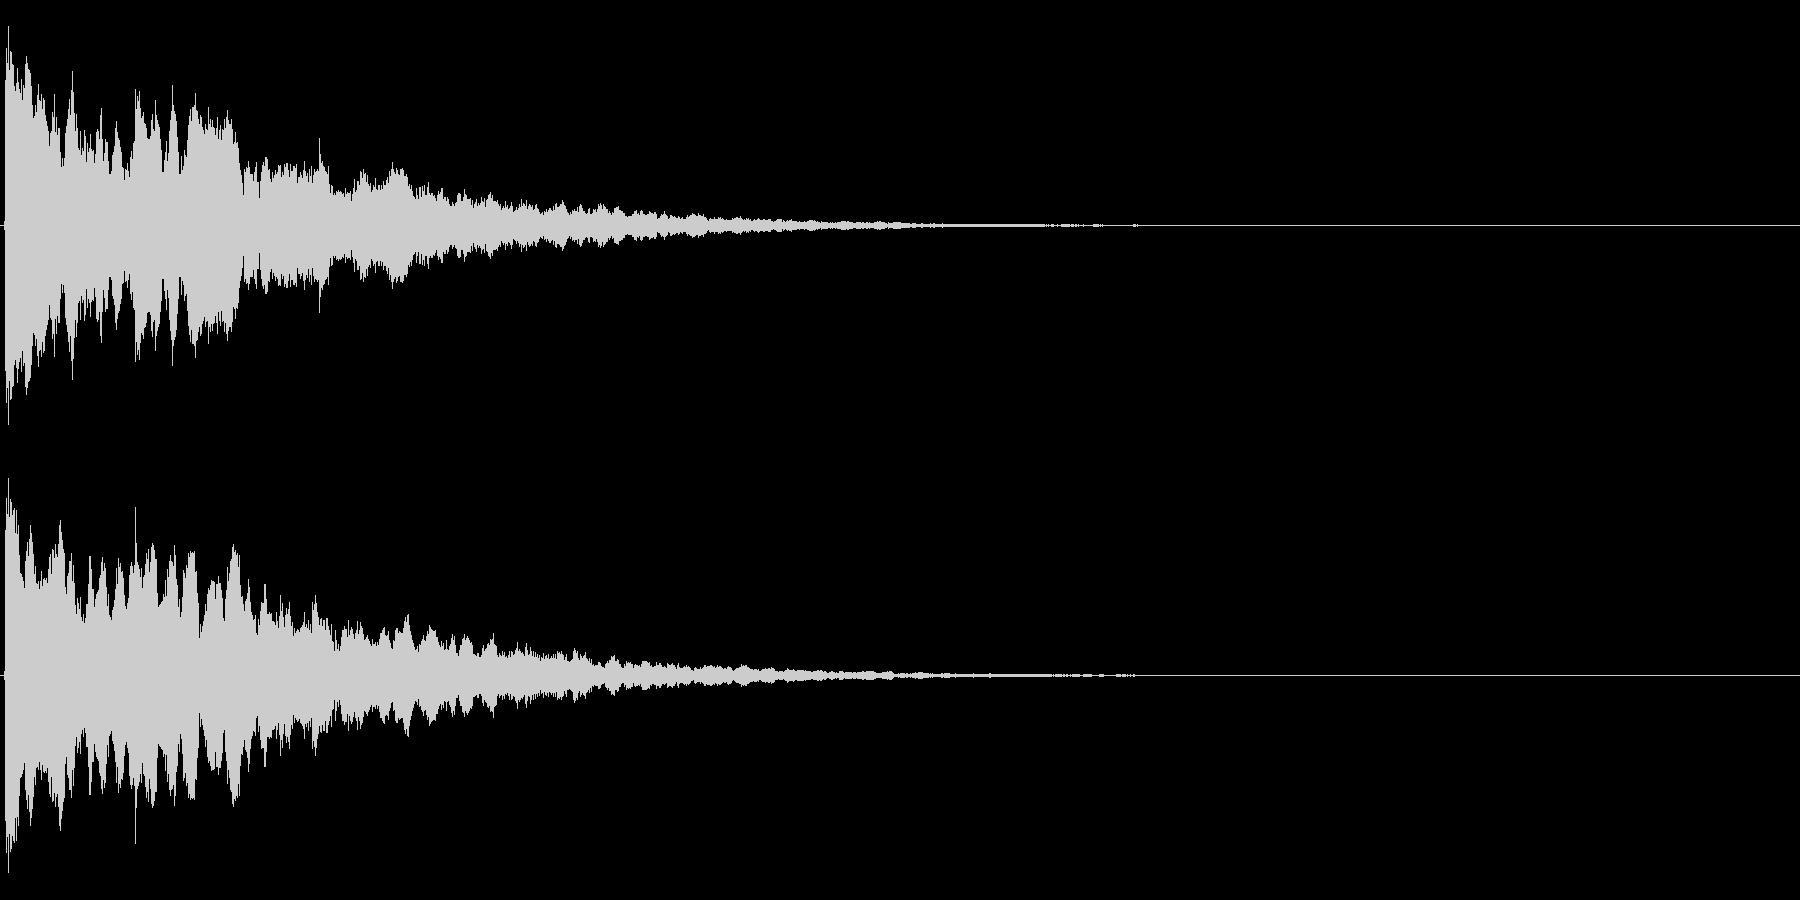 ゲームスタート、決定、ボタン音-149の未再生の波形